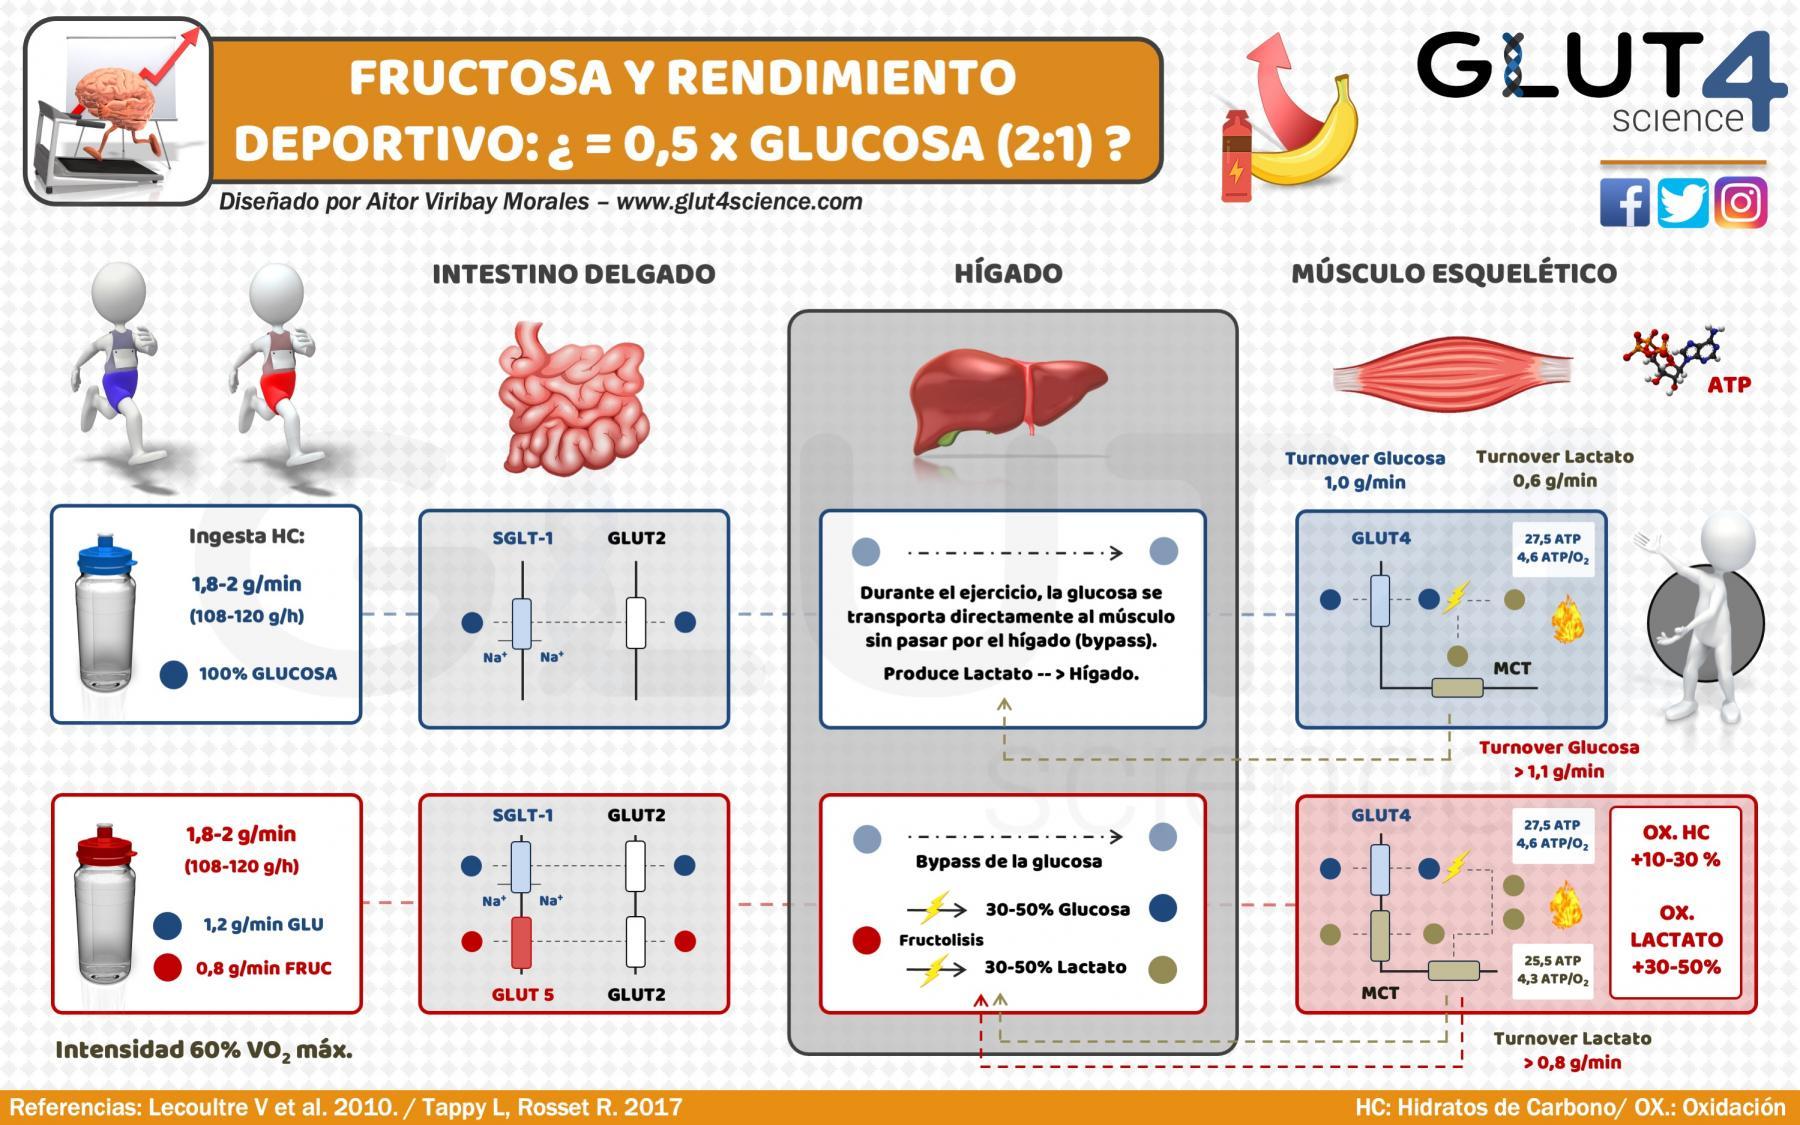 Fructosa y rendimiento deportivo: Más que 0,5 x glucosa (ratio 2:1)